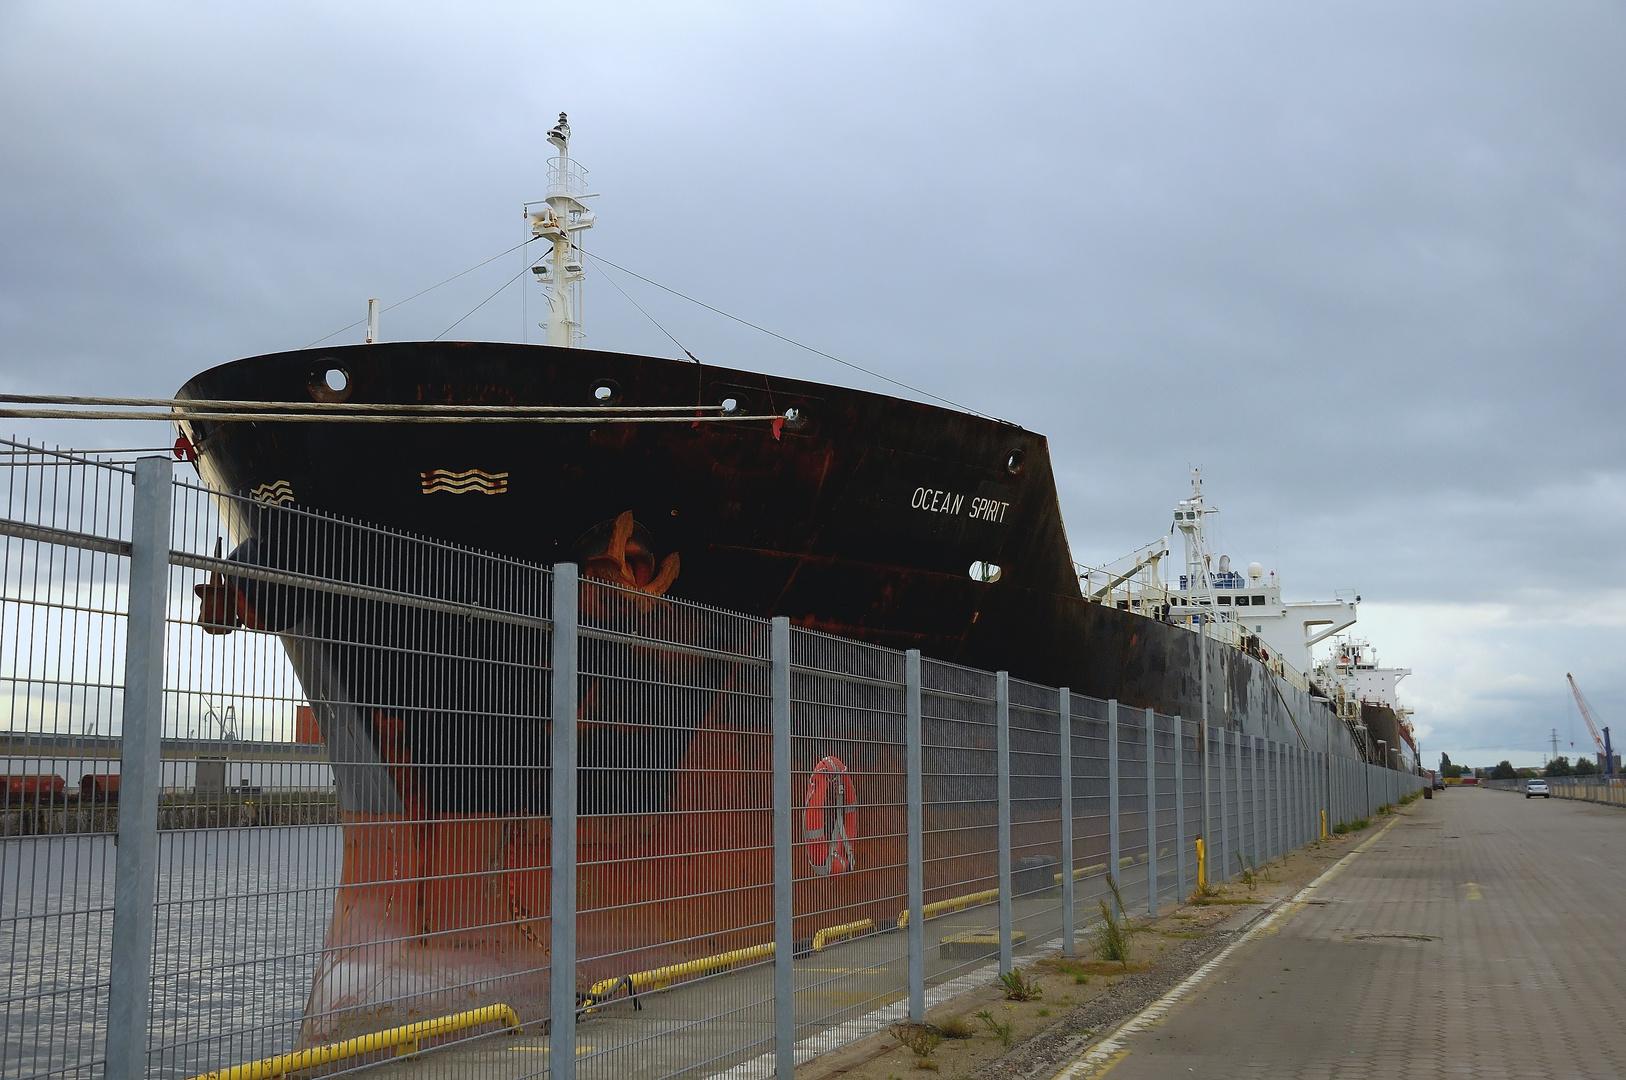 Hinter dem Zaun begann der Freihafen